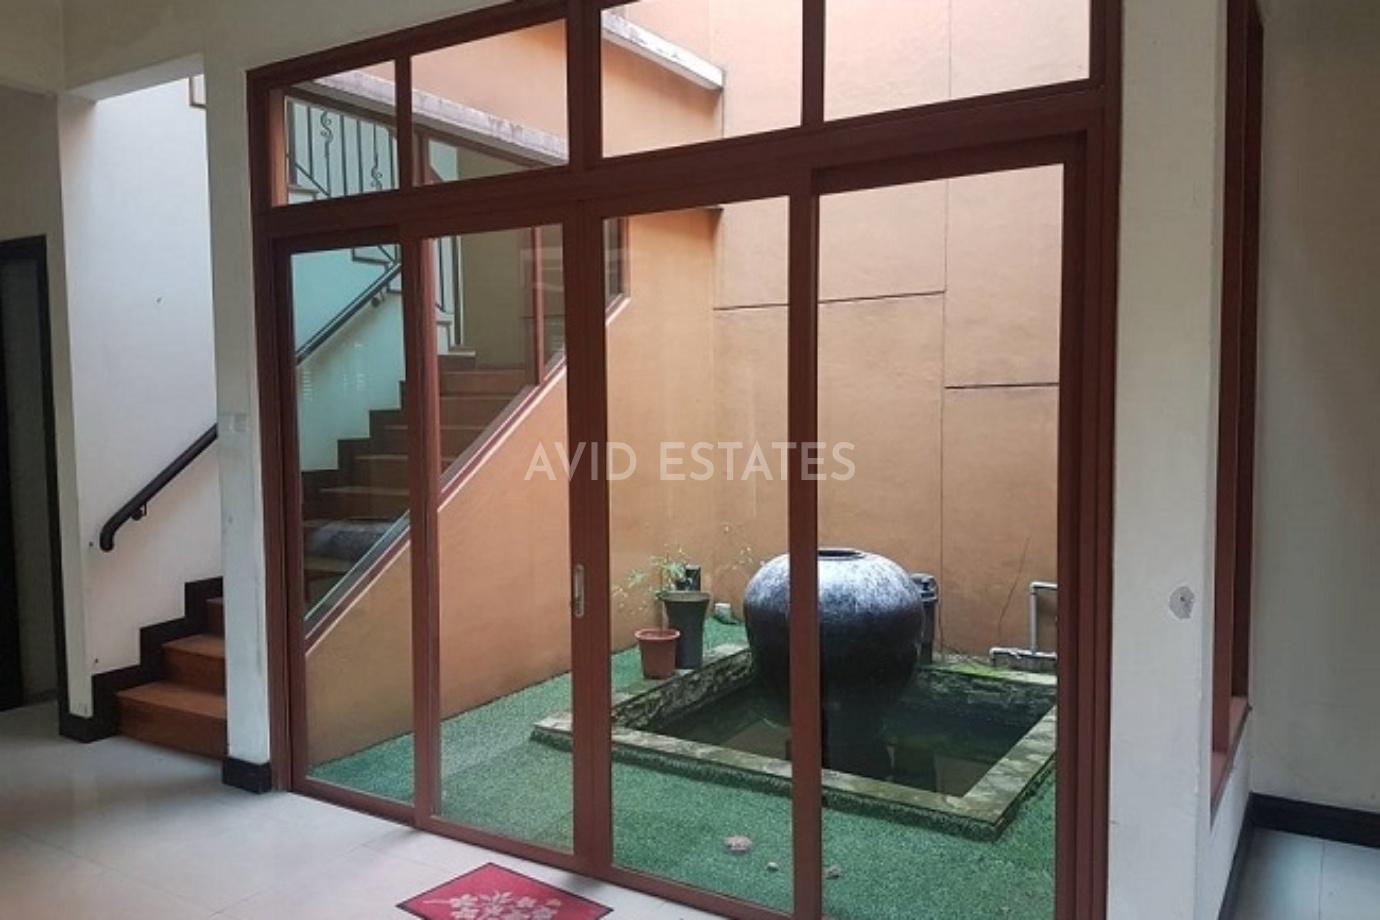 Duta Nusantara, Sri Hartamas,Kuala Lumpur, 5 Bedrooms Bedrooms, ,Semi-Detached,For Sale,Duta Nusantara,Persiaran Nusantara,1636